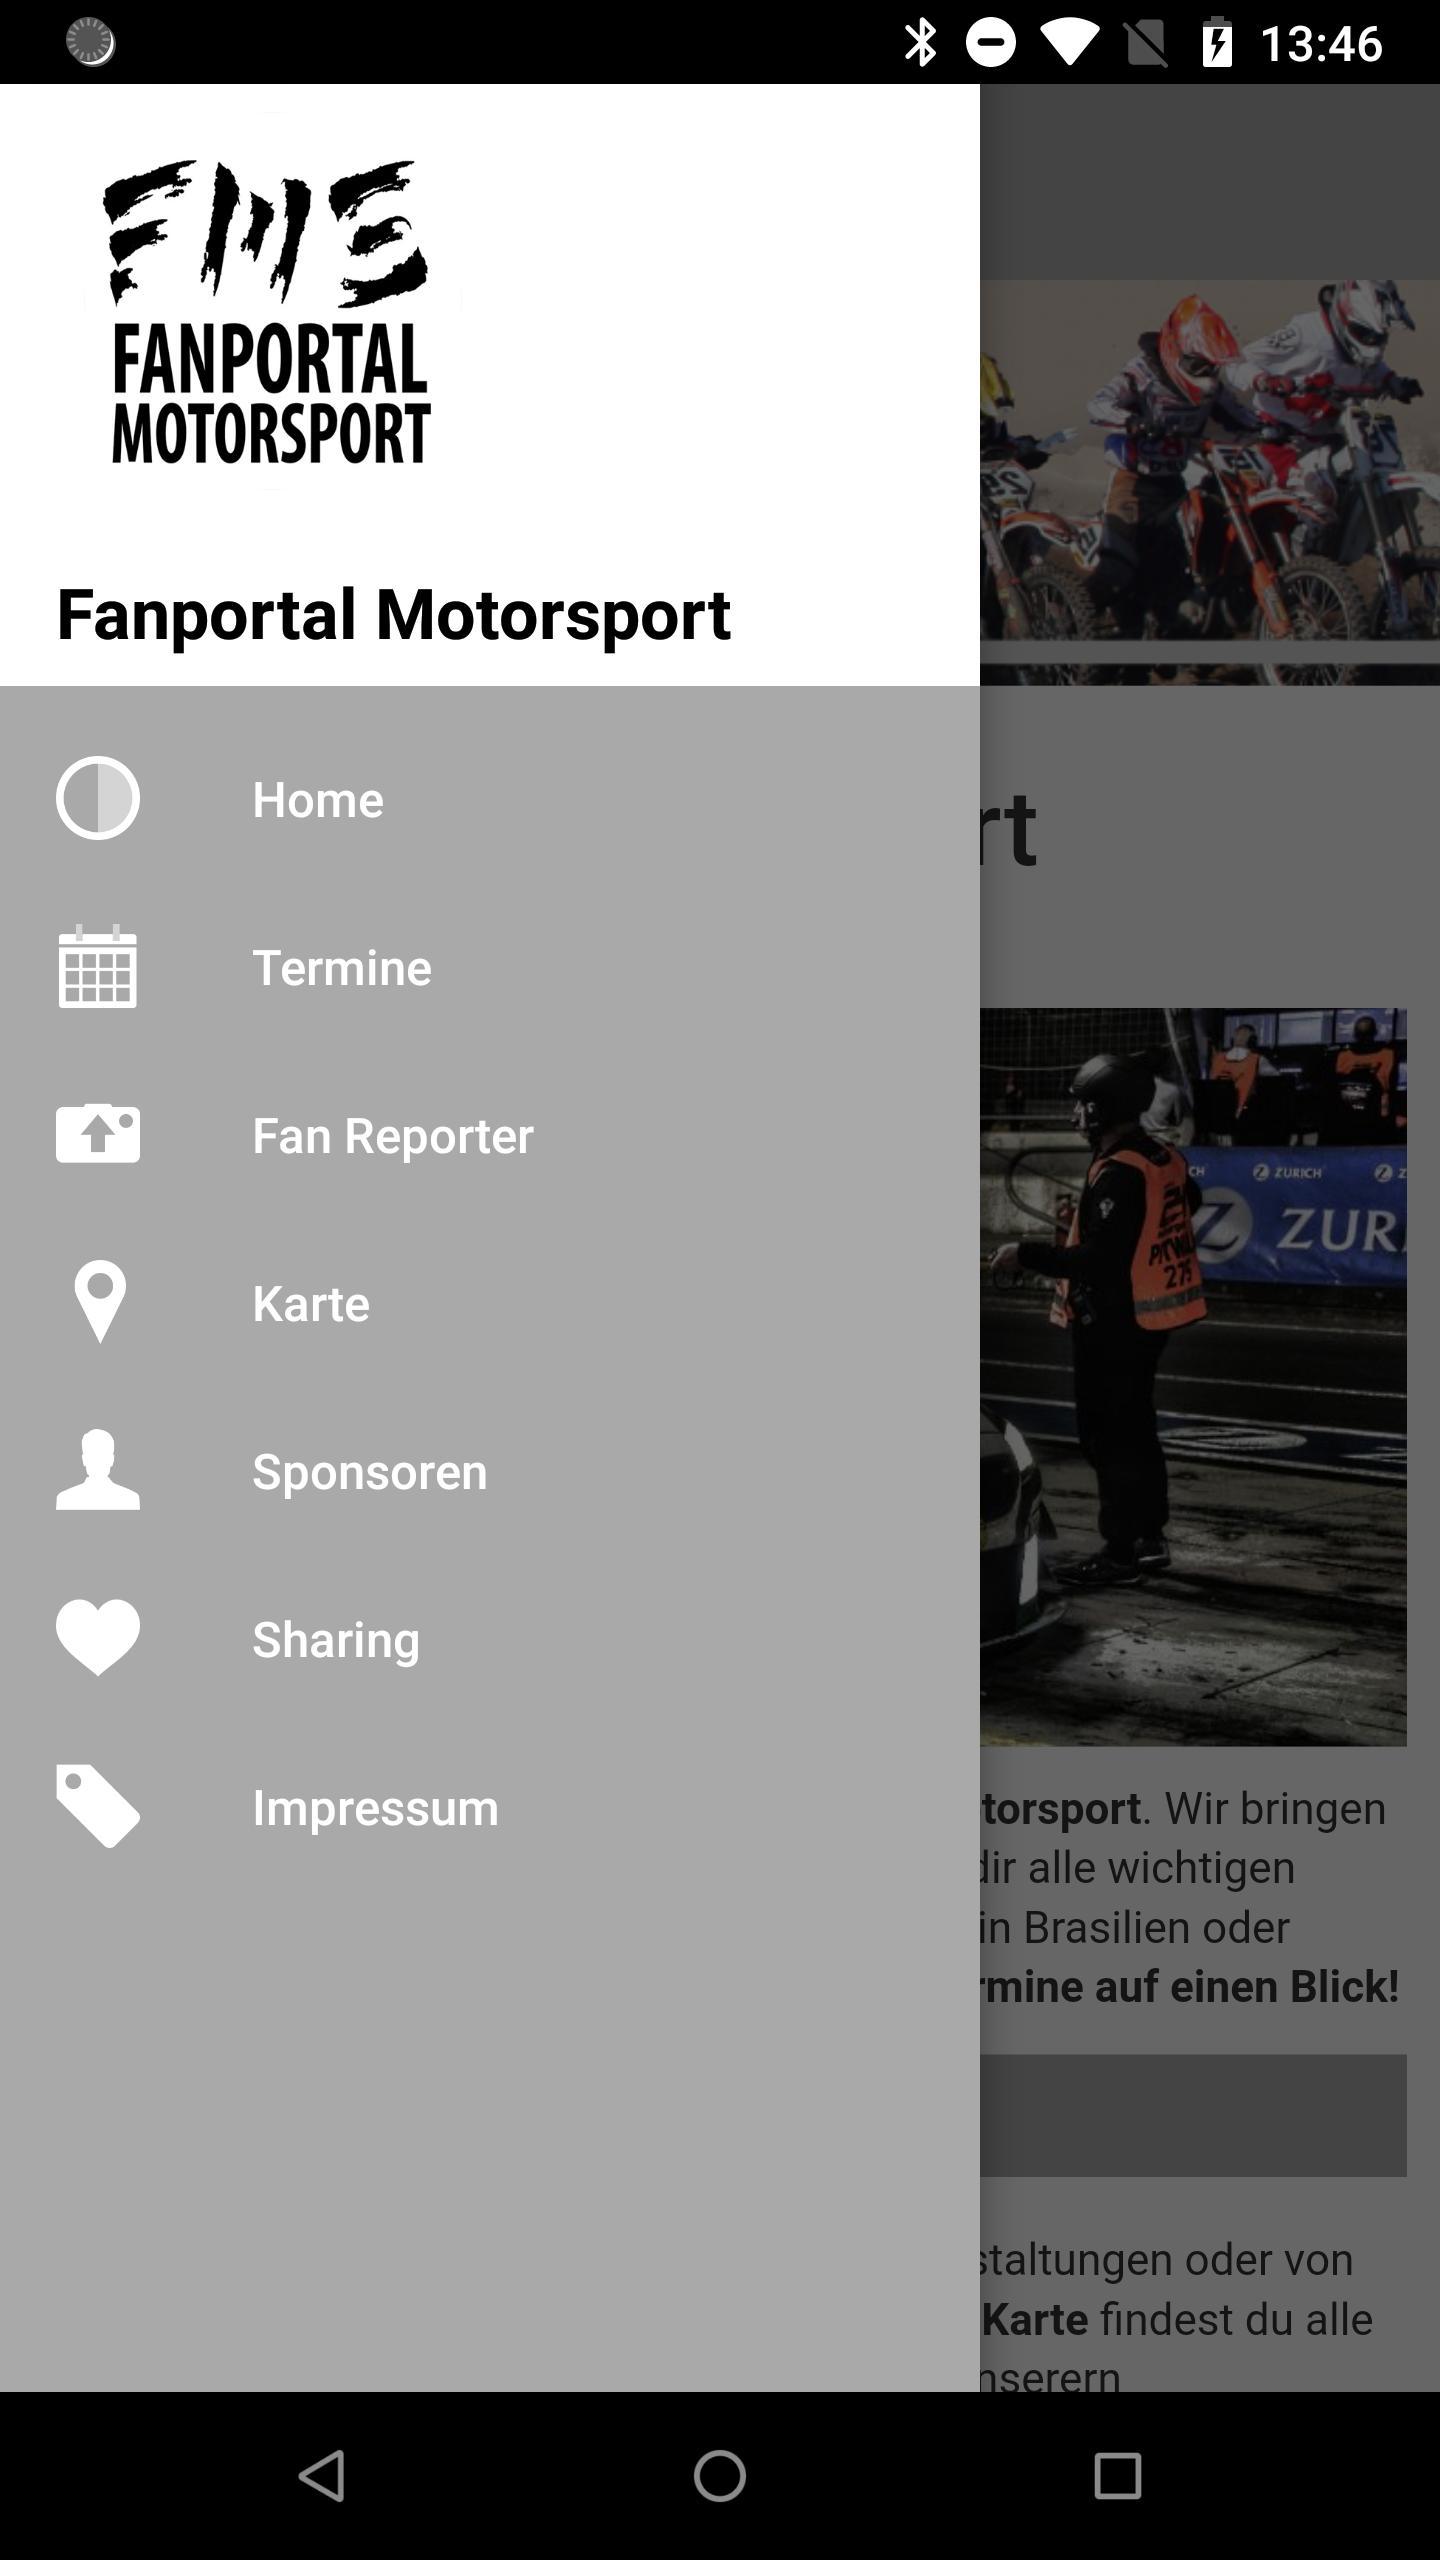 Fanportal Motorsport poster